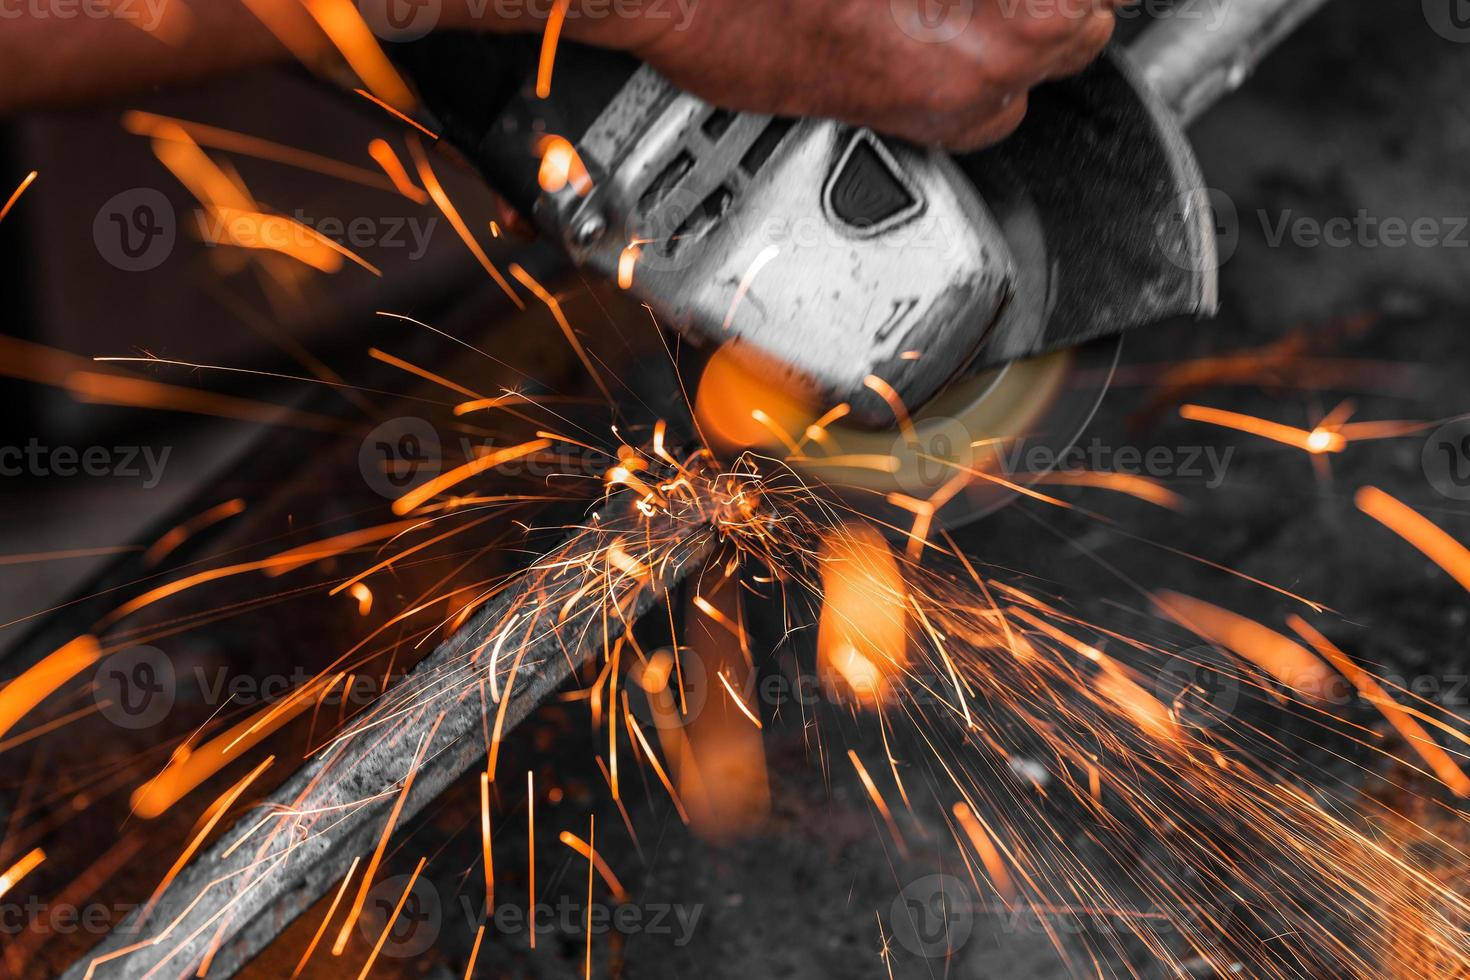 arbetare skär metall foto